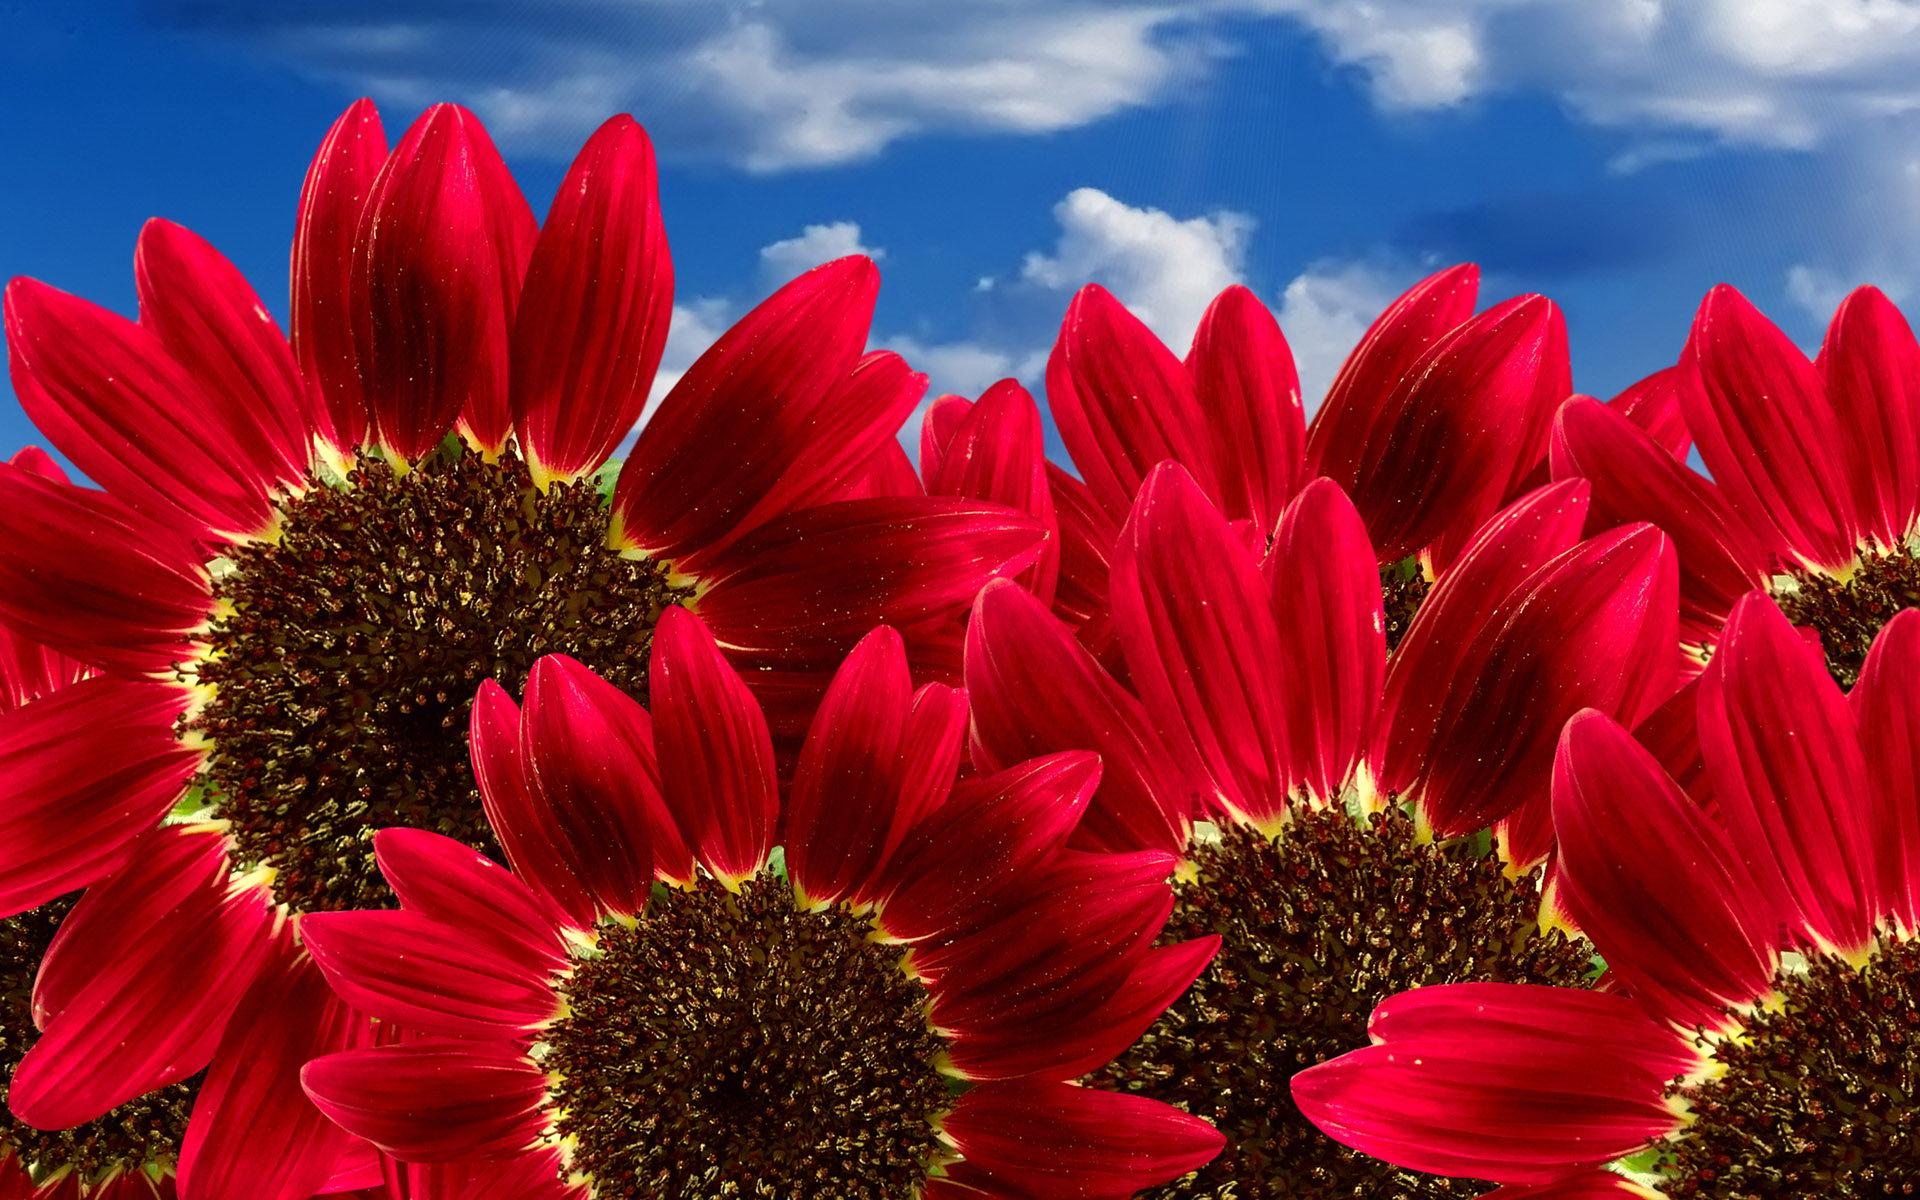 Sfondi hd fiori per desktop primavera sfondi hd gratis for Immagini gratis per desktop primavera